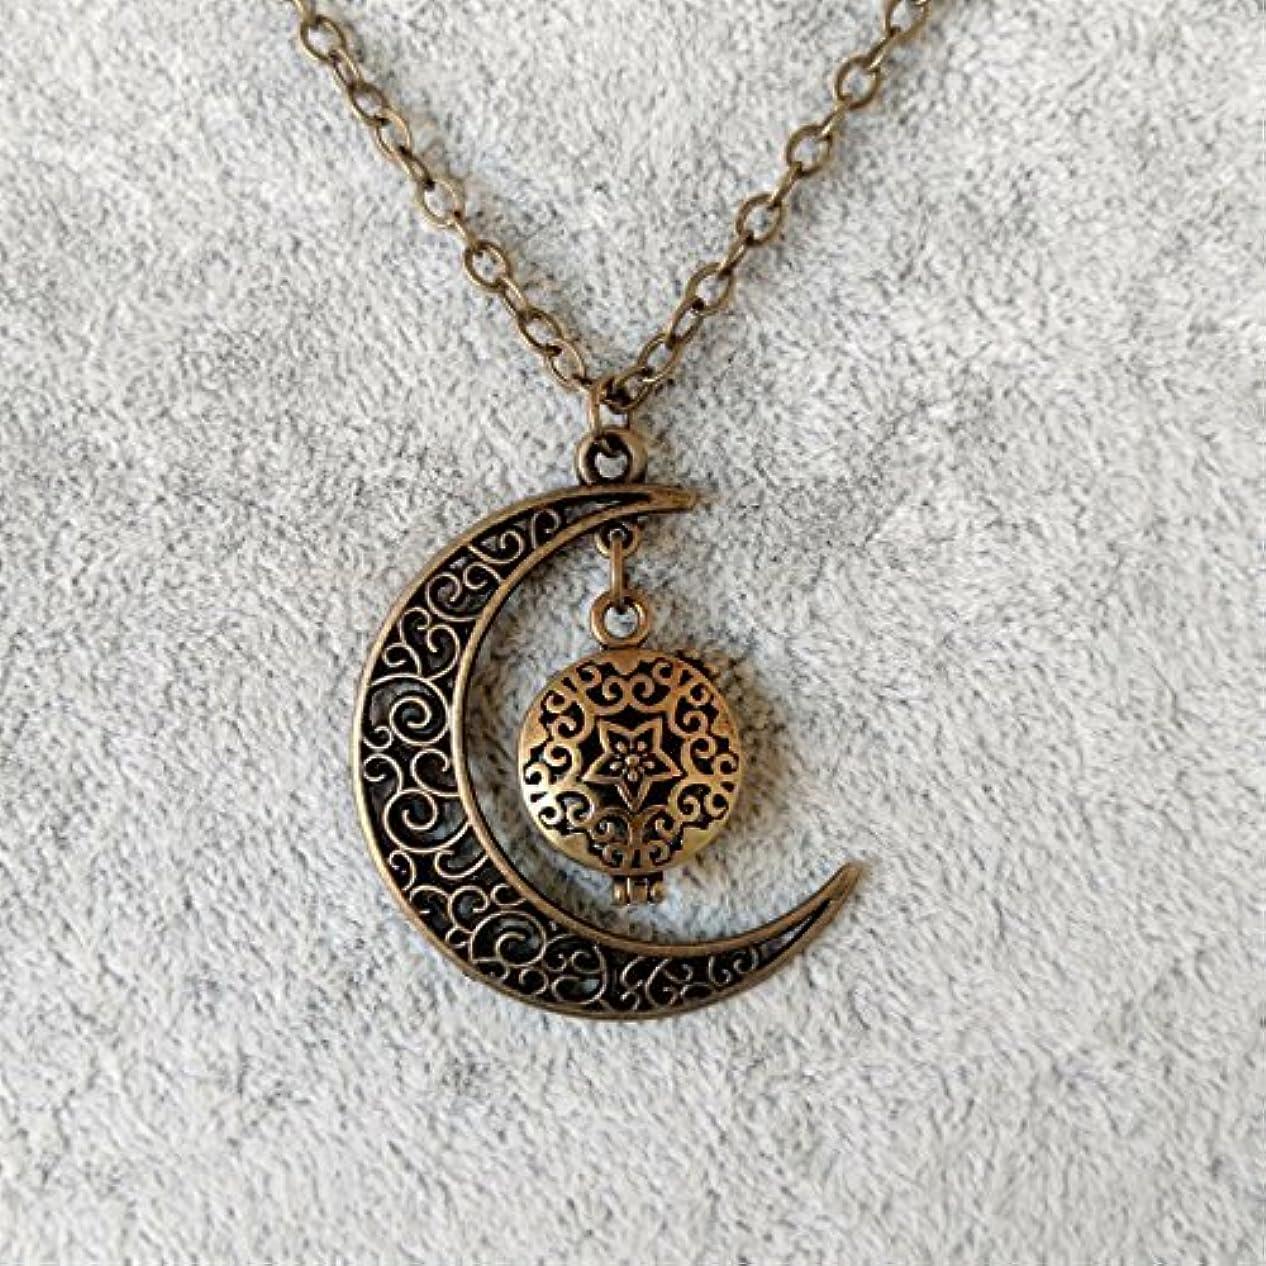 インチ幻影姿勢Lunar Crescent Moon with Small Bronze-tone Locket Aromatherapy Necklace Essential Oil Diffuser Locket Pendant...